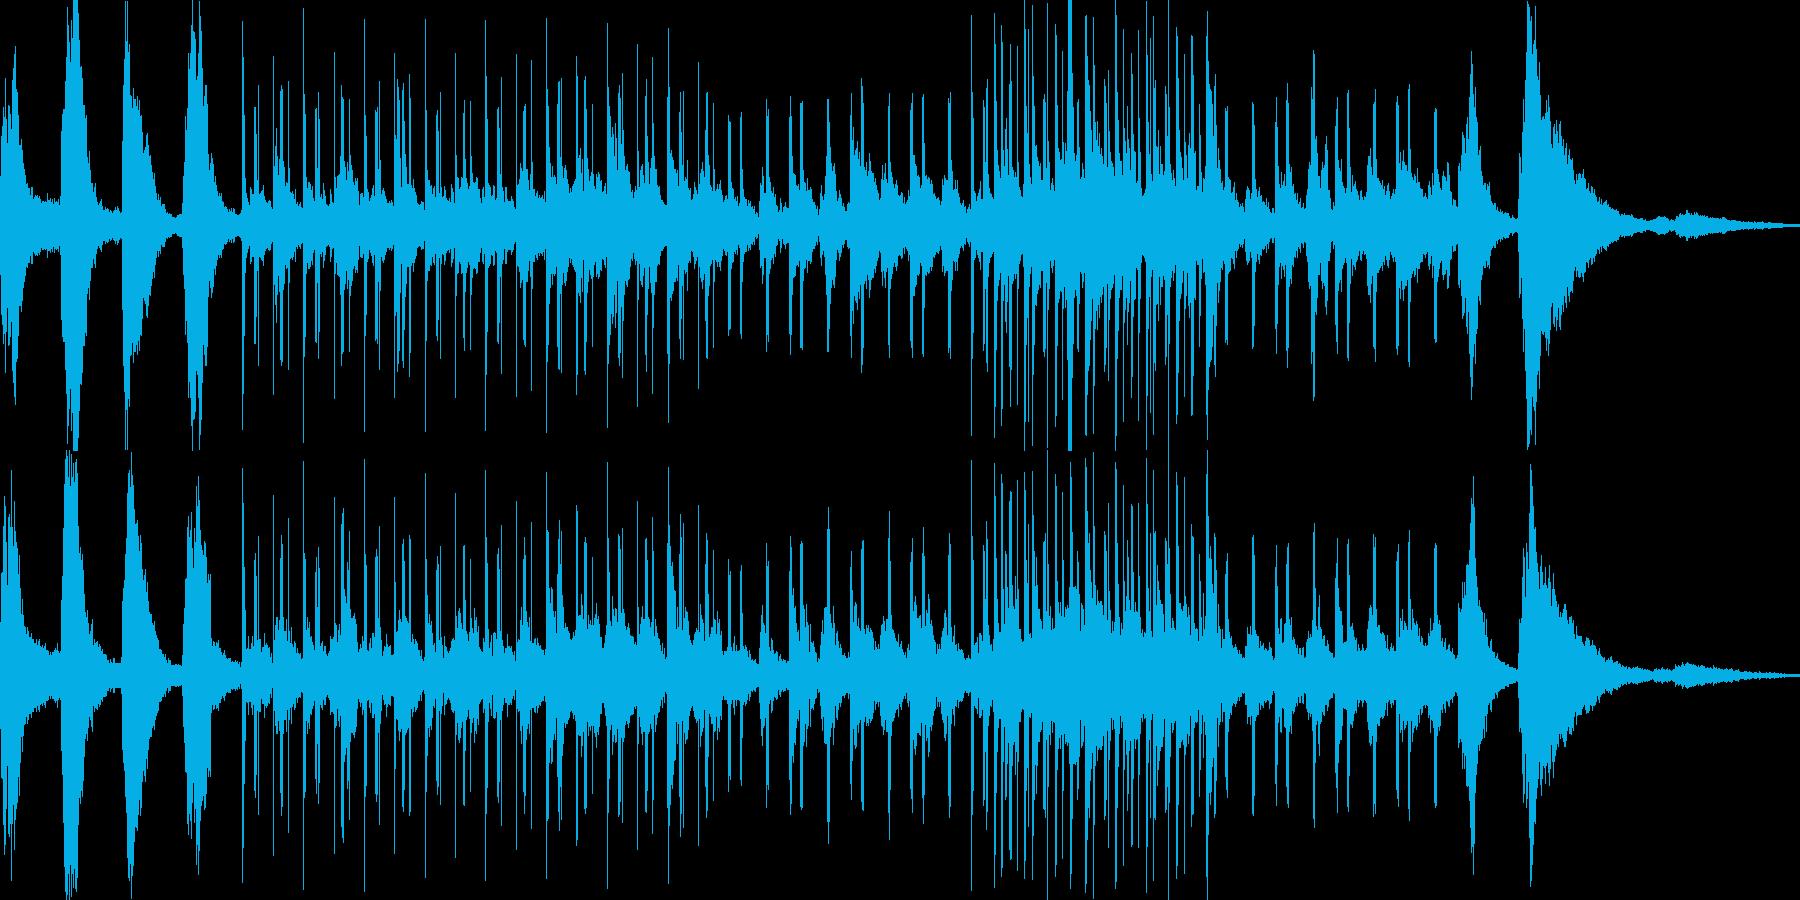 ダウンビートなヒーリングミュージックの再生済みの波形